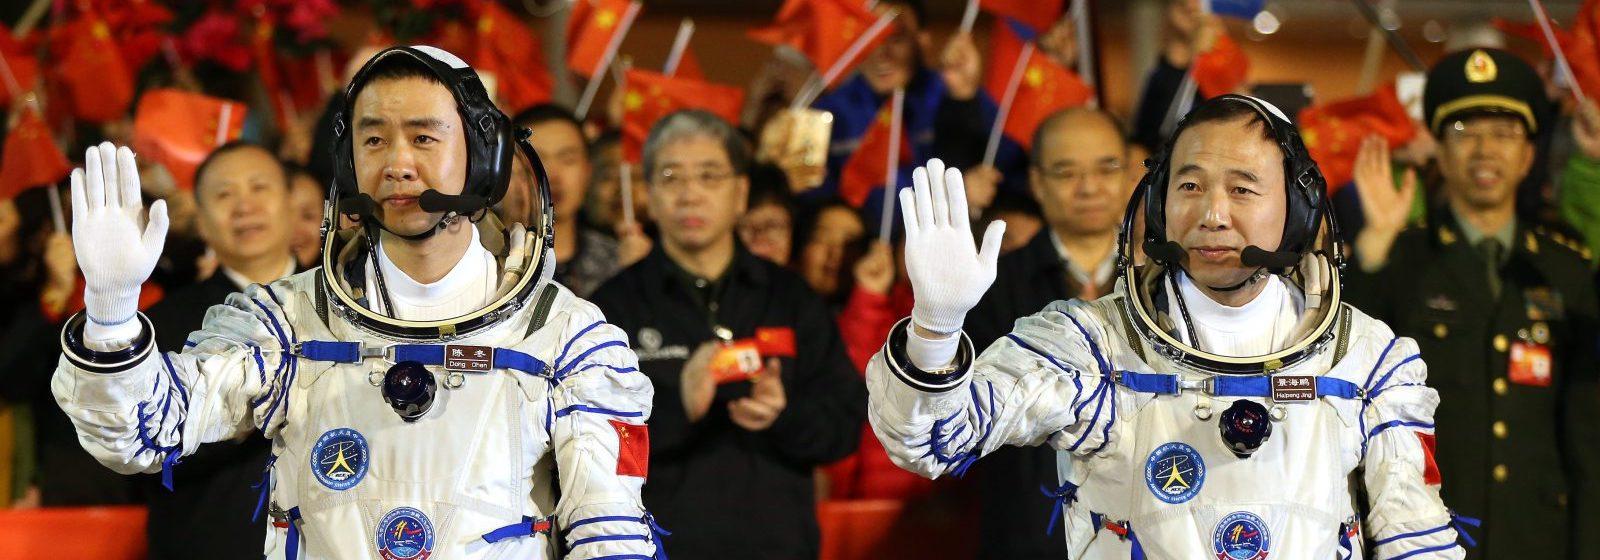 Китайцы в космосе, политика-аналитика и откровения китайцев и о китайцах